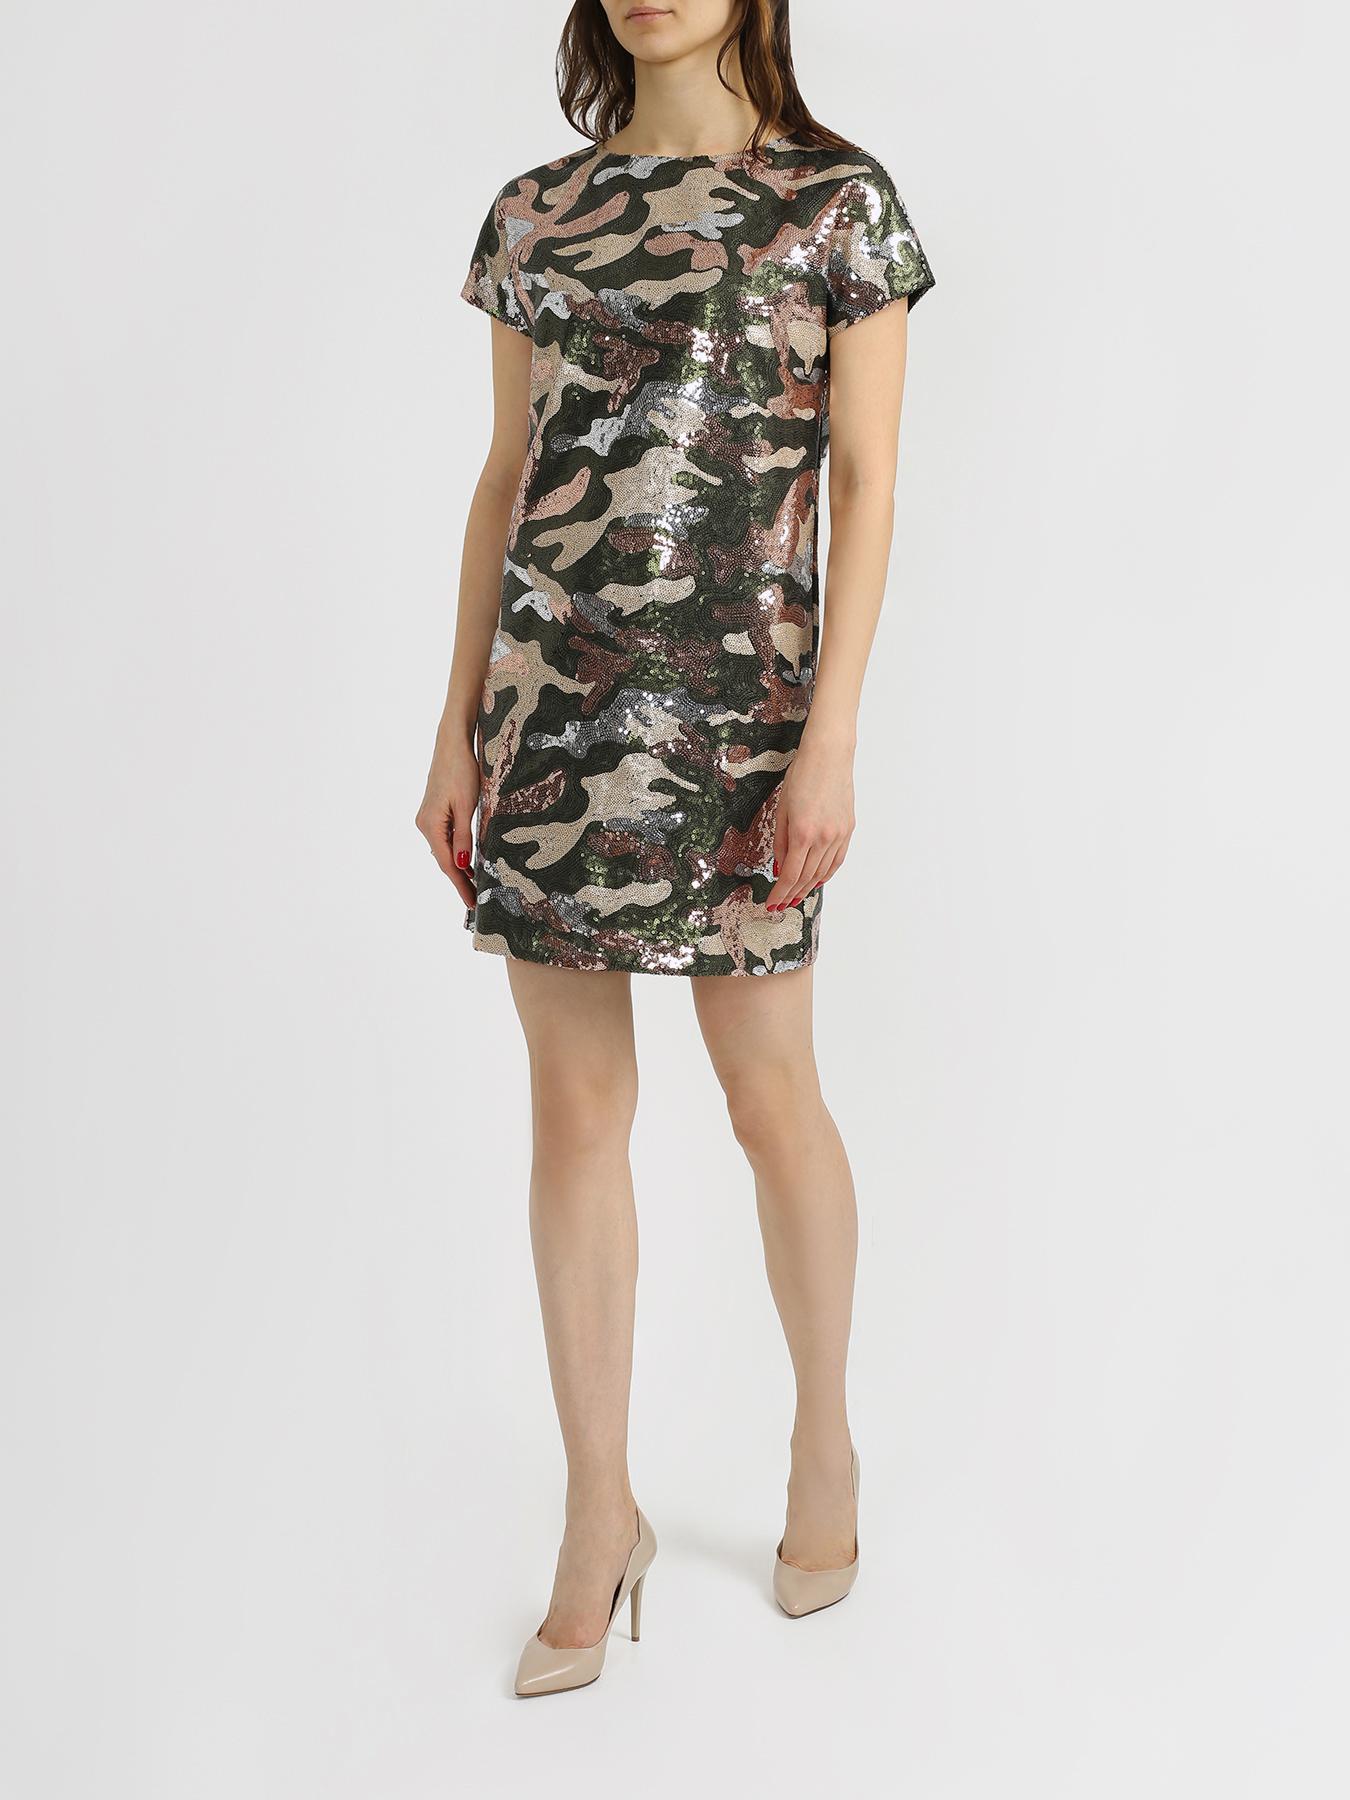 6 P.M. Платье с пайетками фото